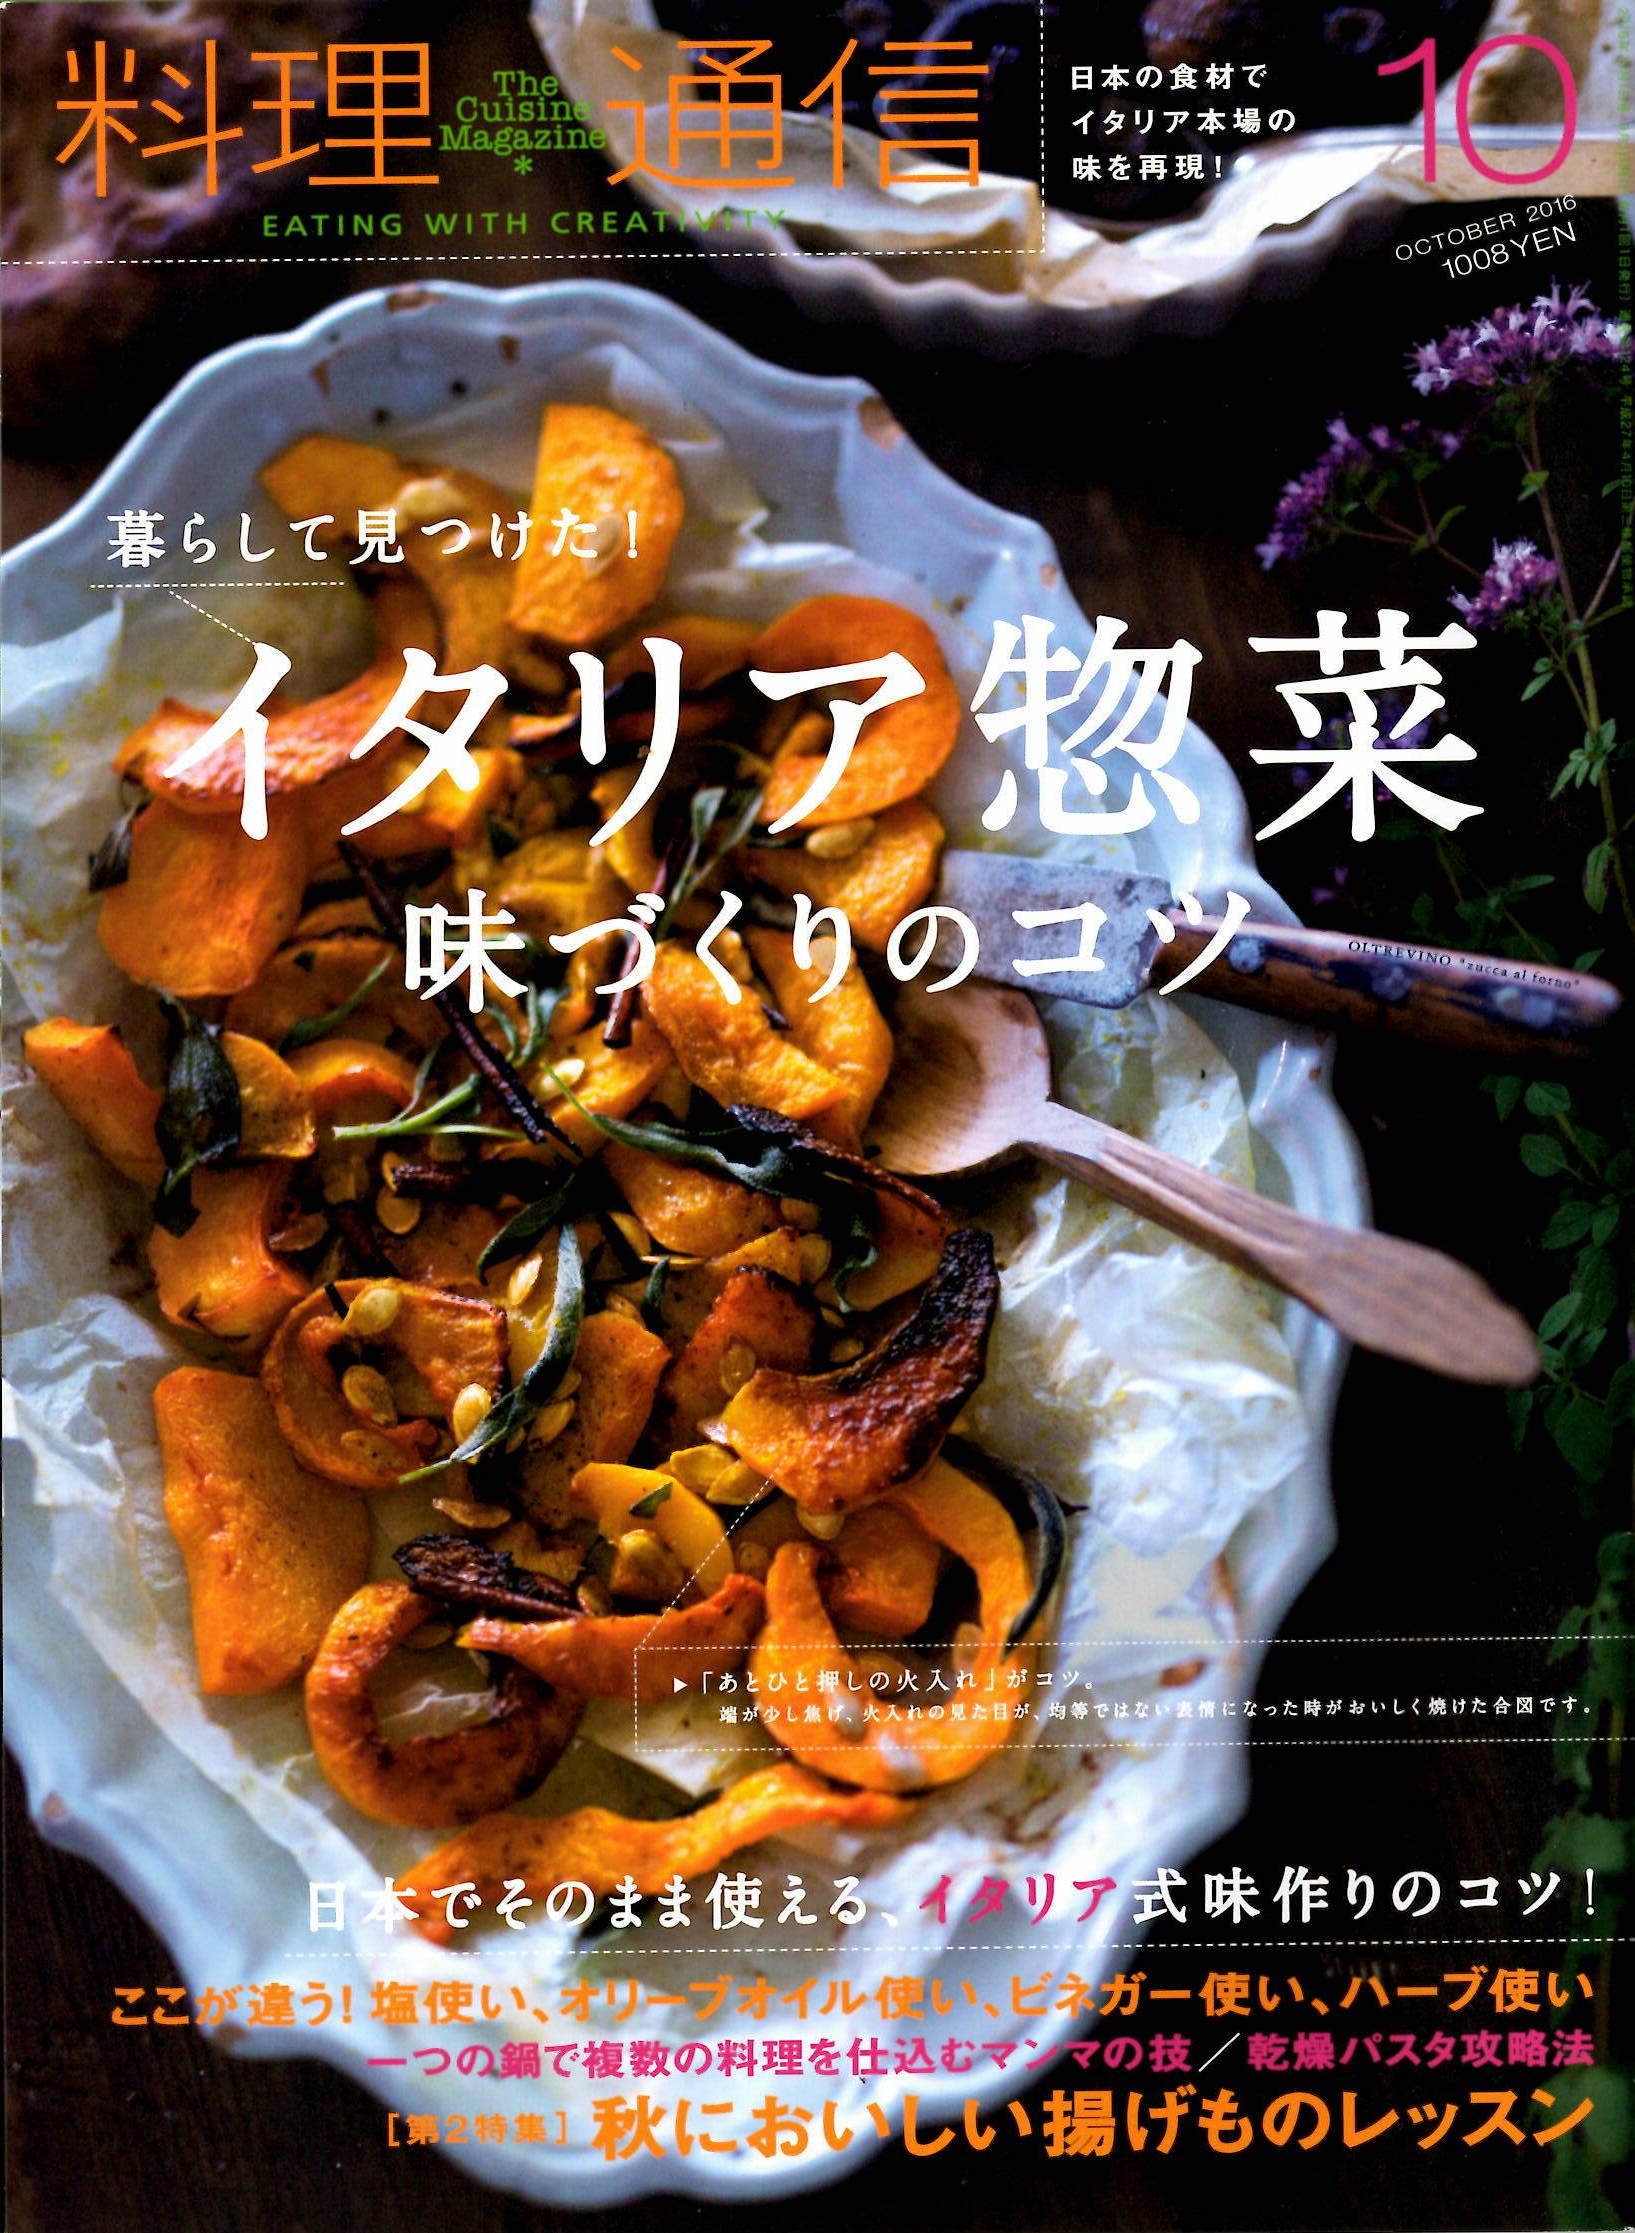 「料理通信」10月号にてご紹介いただきました。